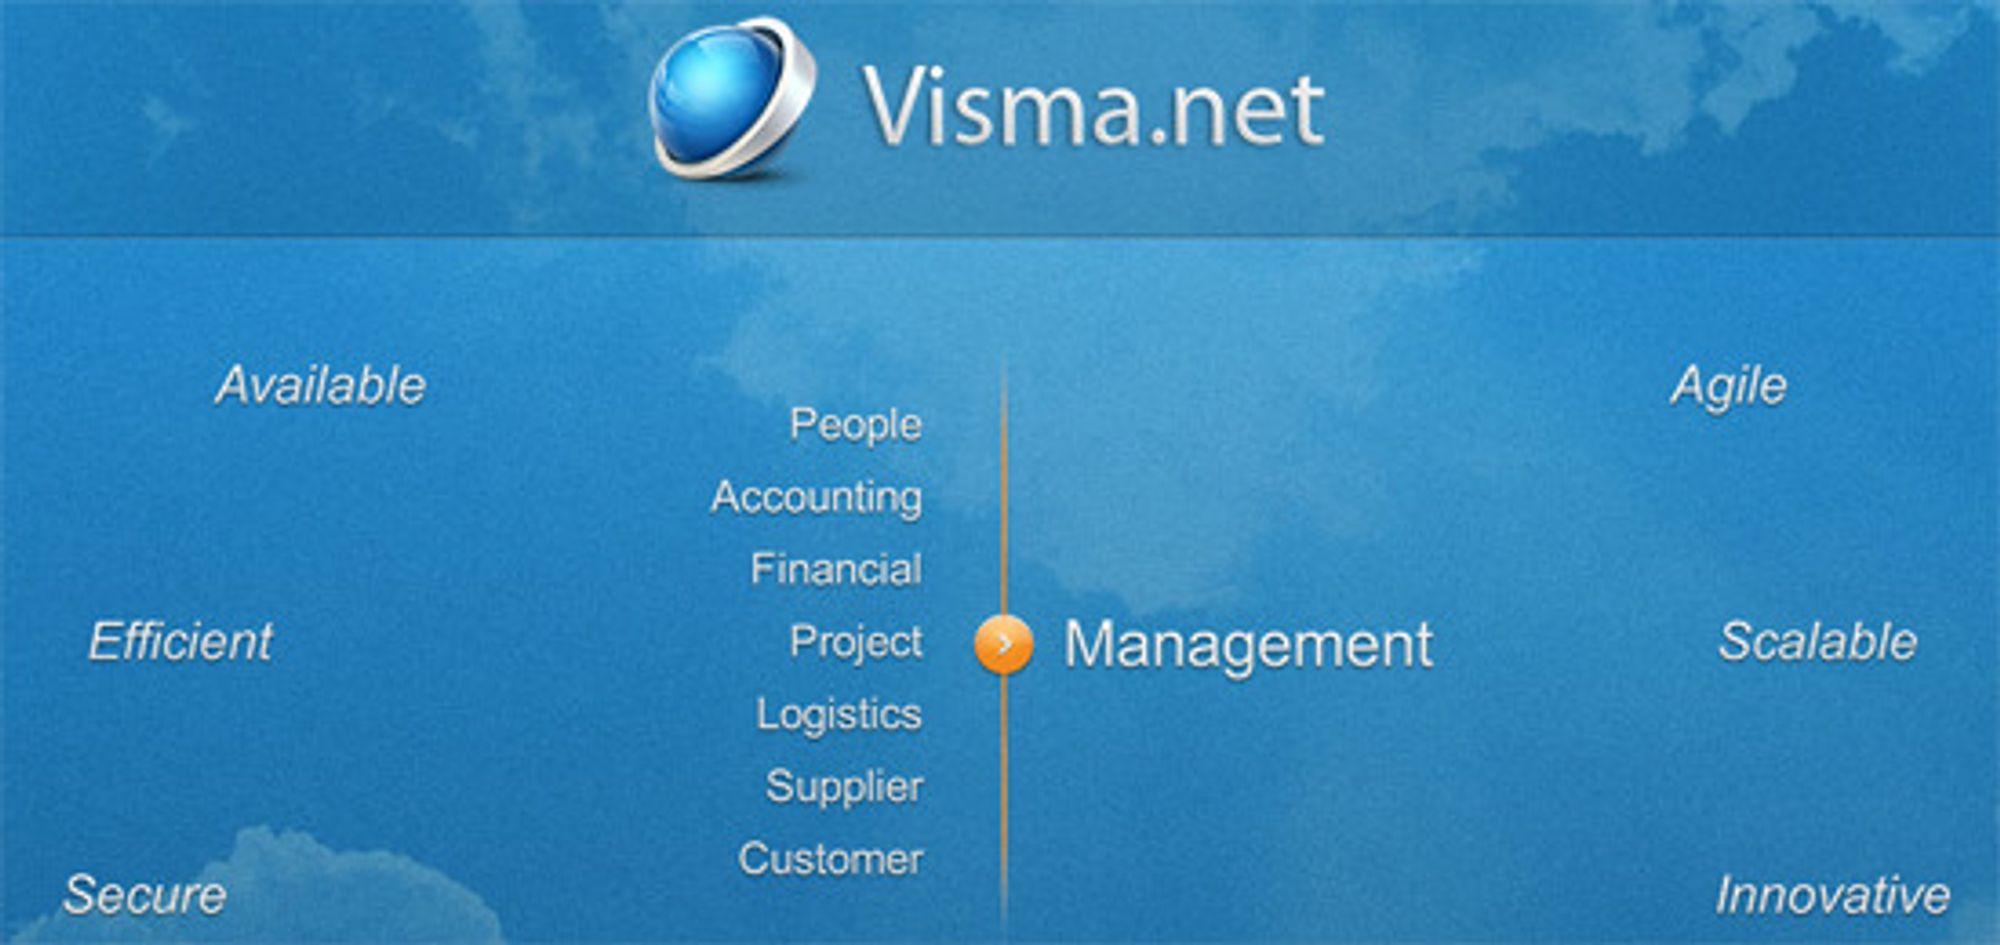 På nettstedet Visma.net vises denne oversikten over kommende funksjonalitet.